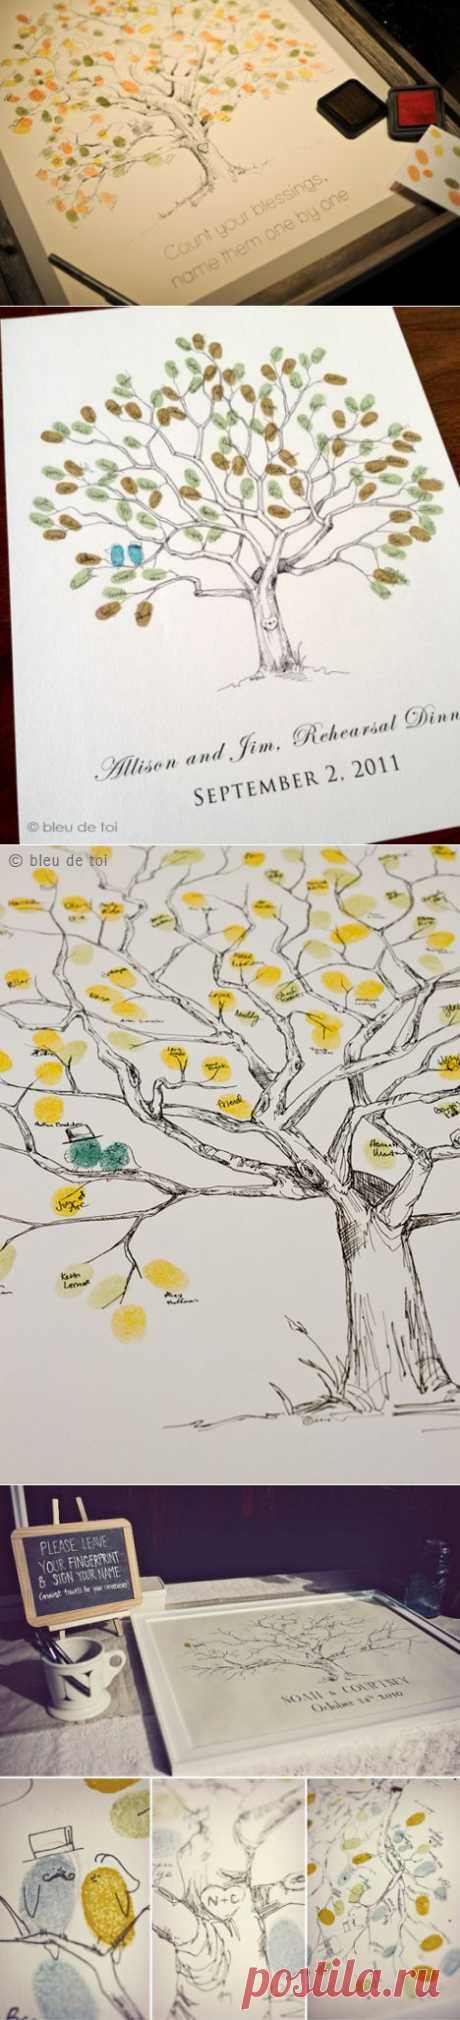 Дерево пожеланий на праздник (4 фото)